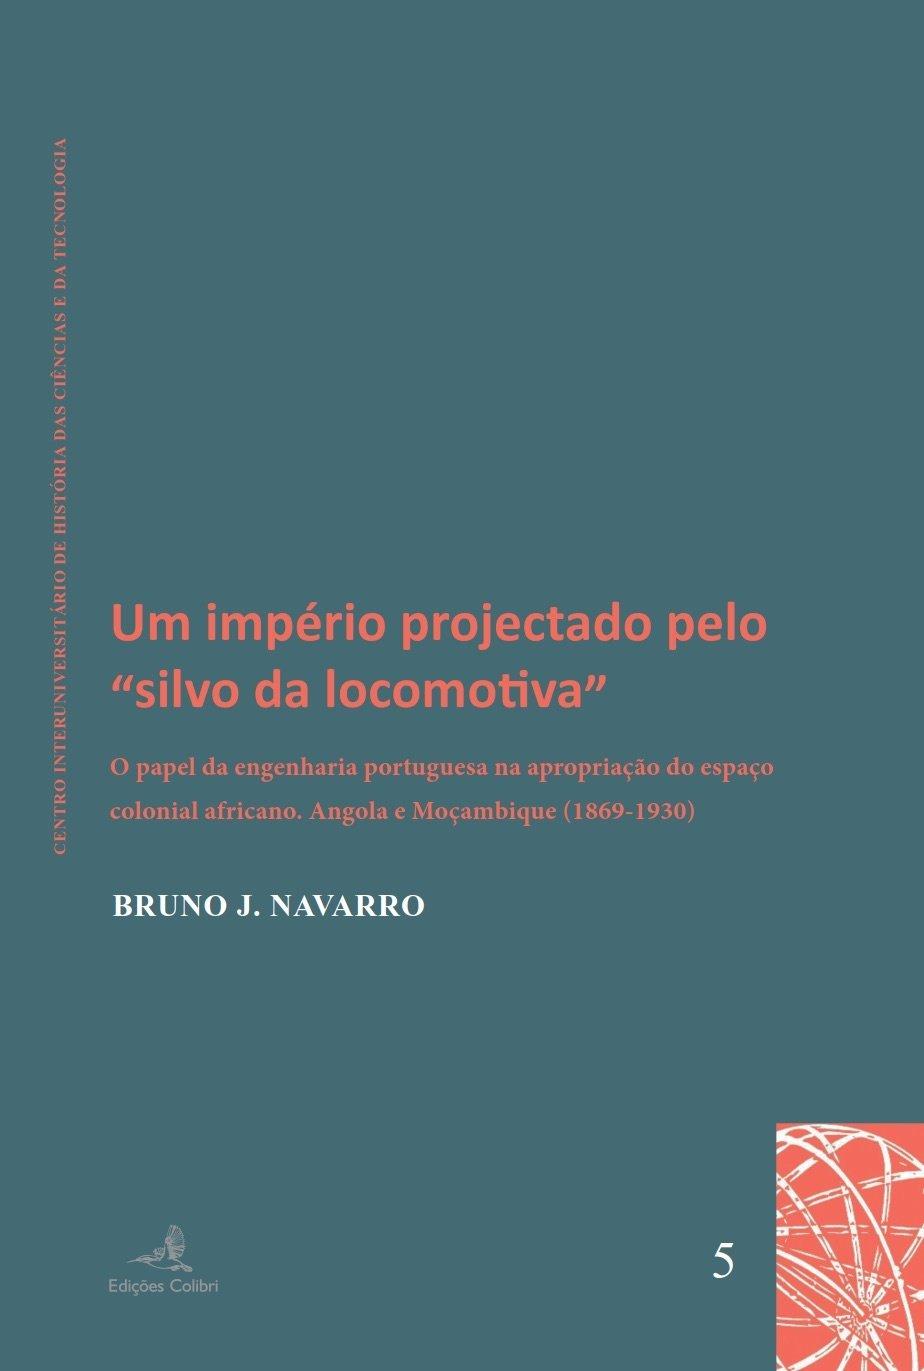 """Um Império Projectado pelo """"Silvo da Locomotiva"""", Capa"""